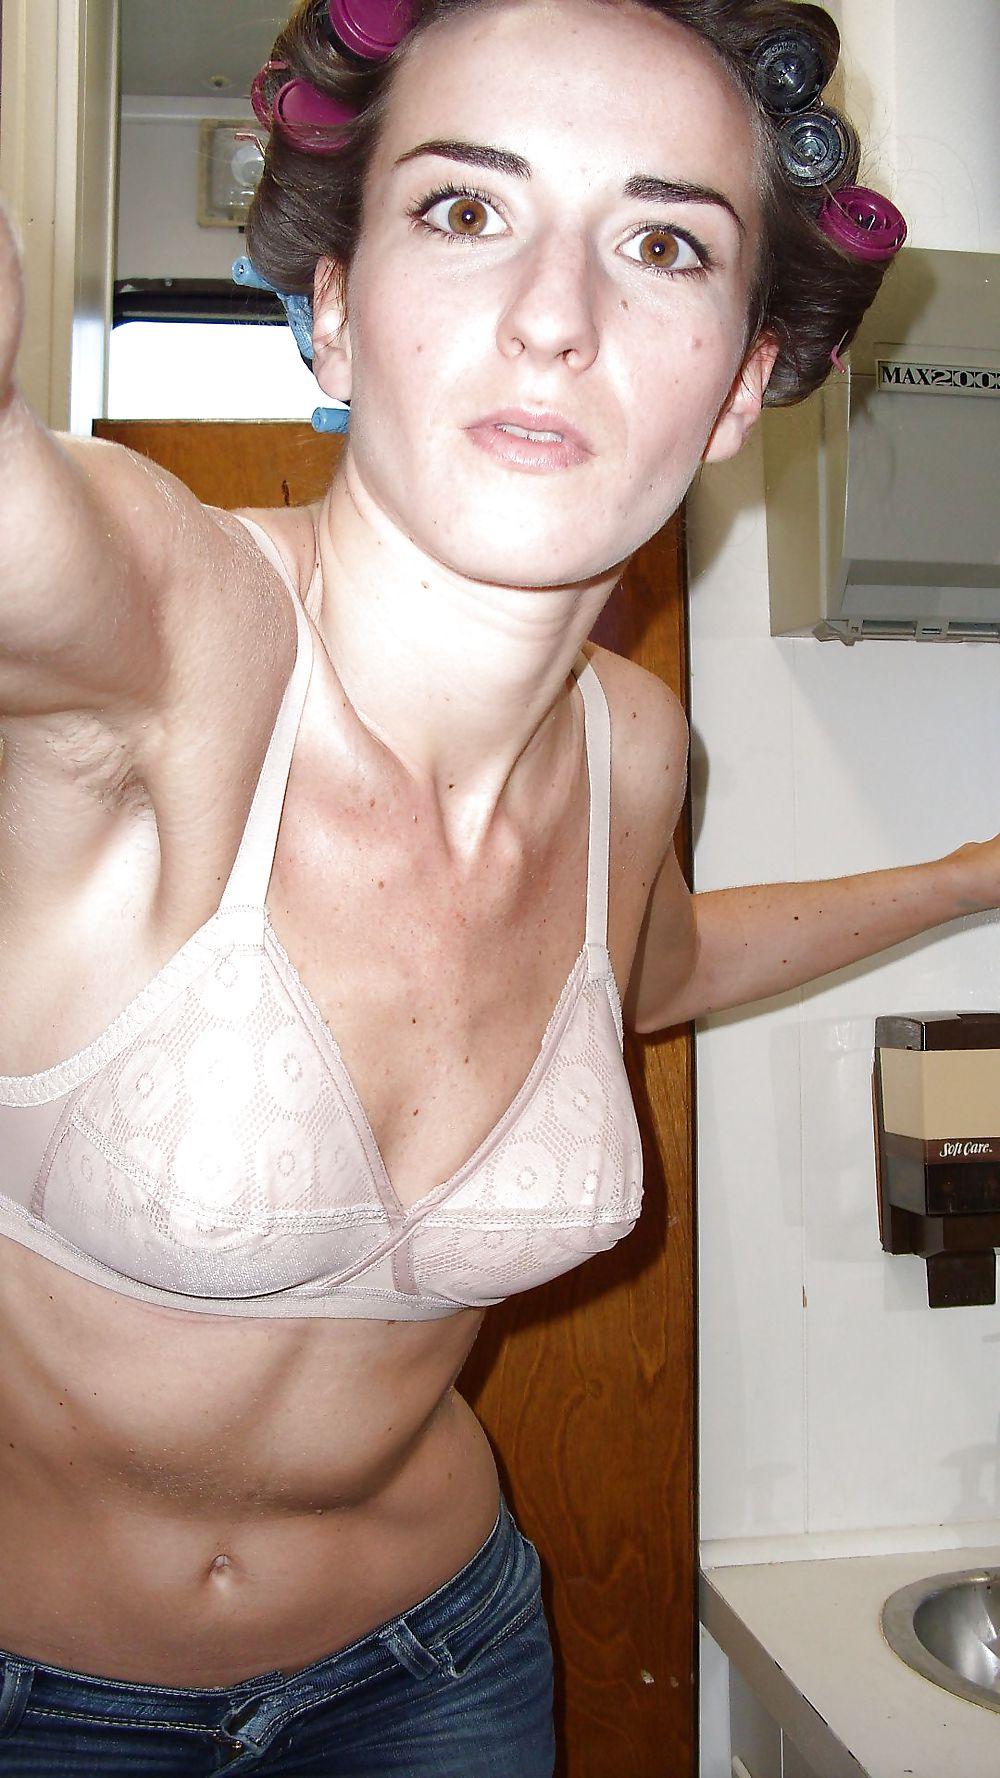 Fappening Salome Stevenin nue les photos volées